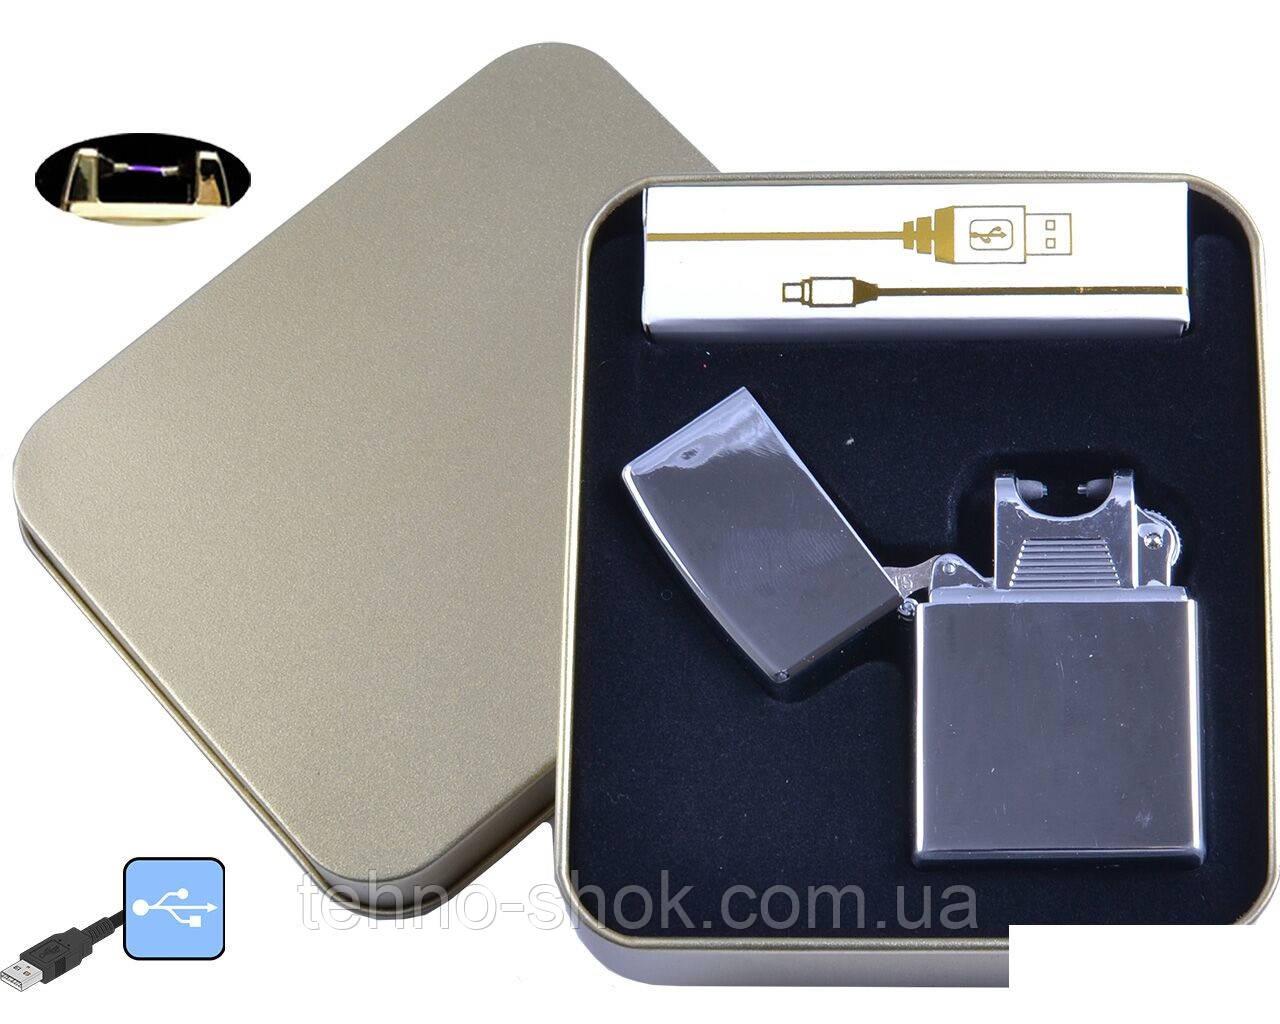 Электроимпульсная зажигалка в металлической упаковке JIN LUN (USB)